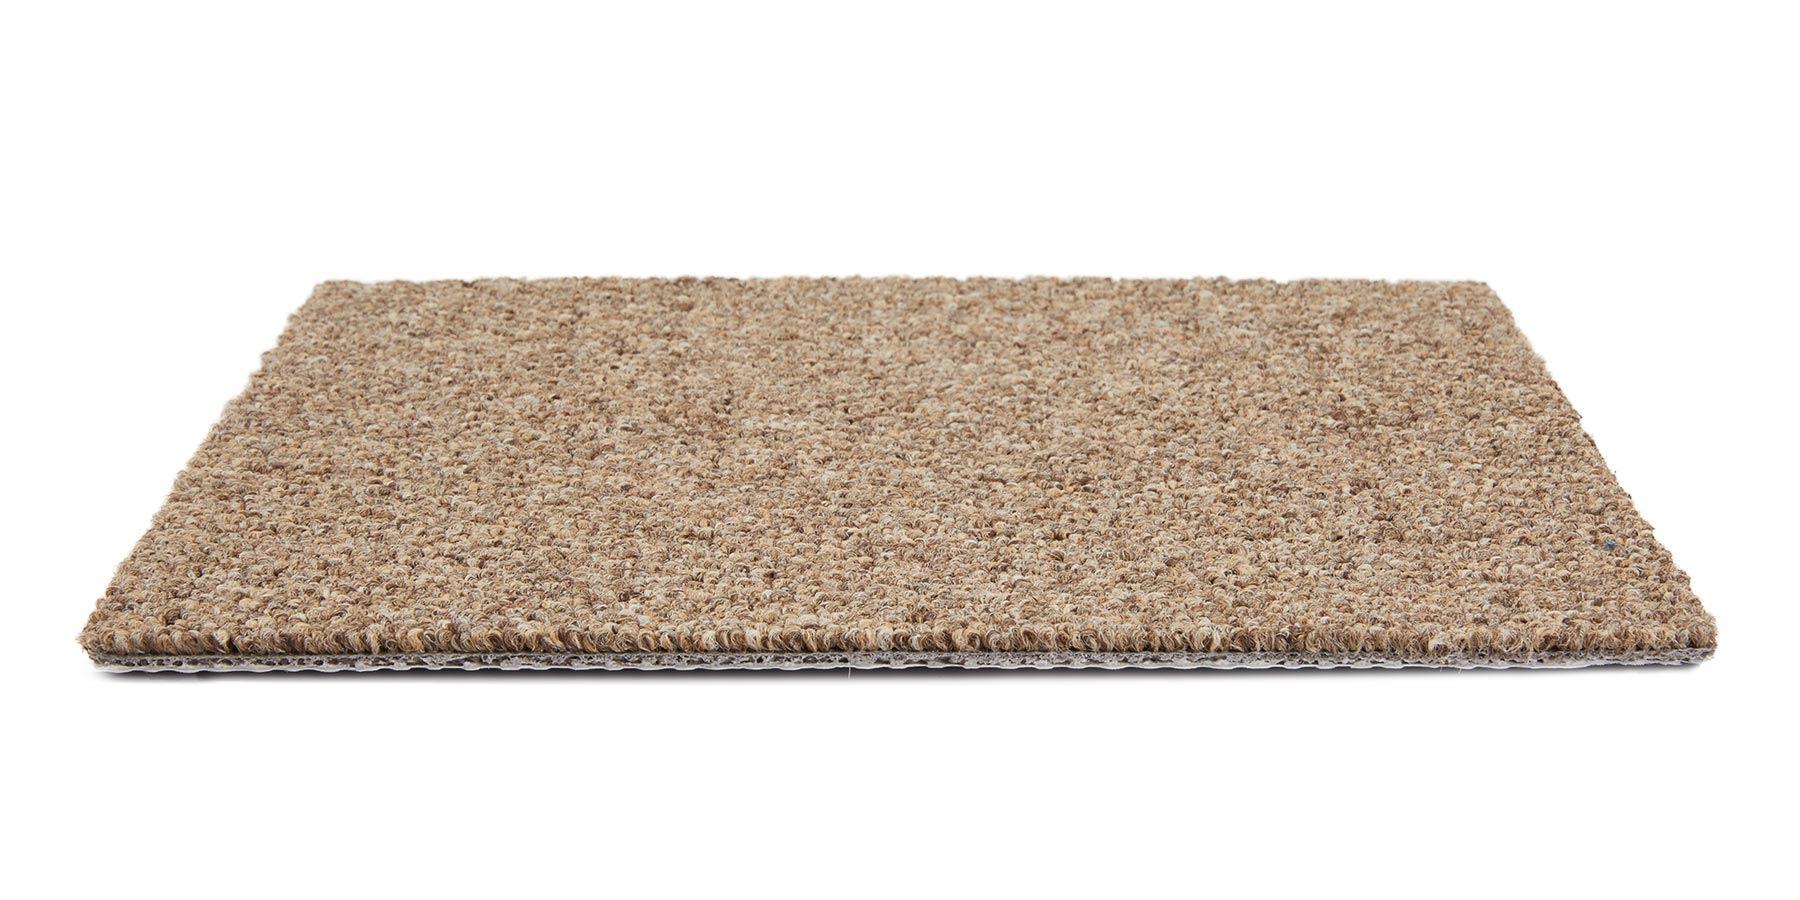 Tenbrooke II Oat Straw Carpet